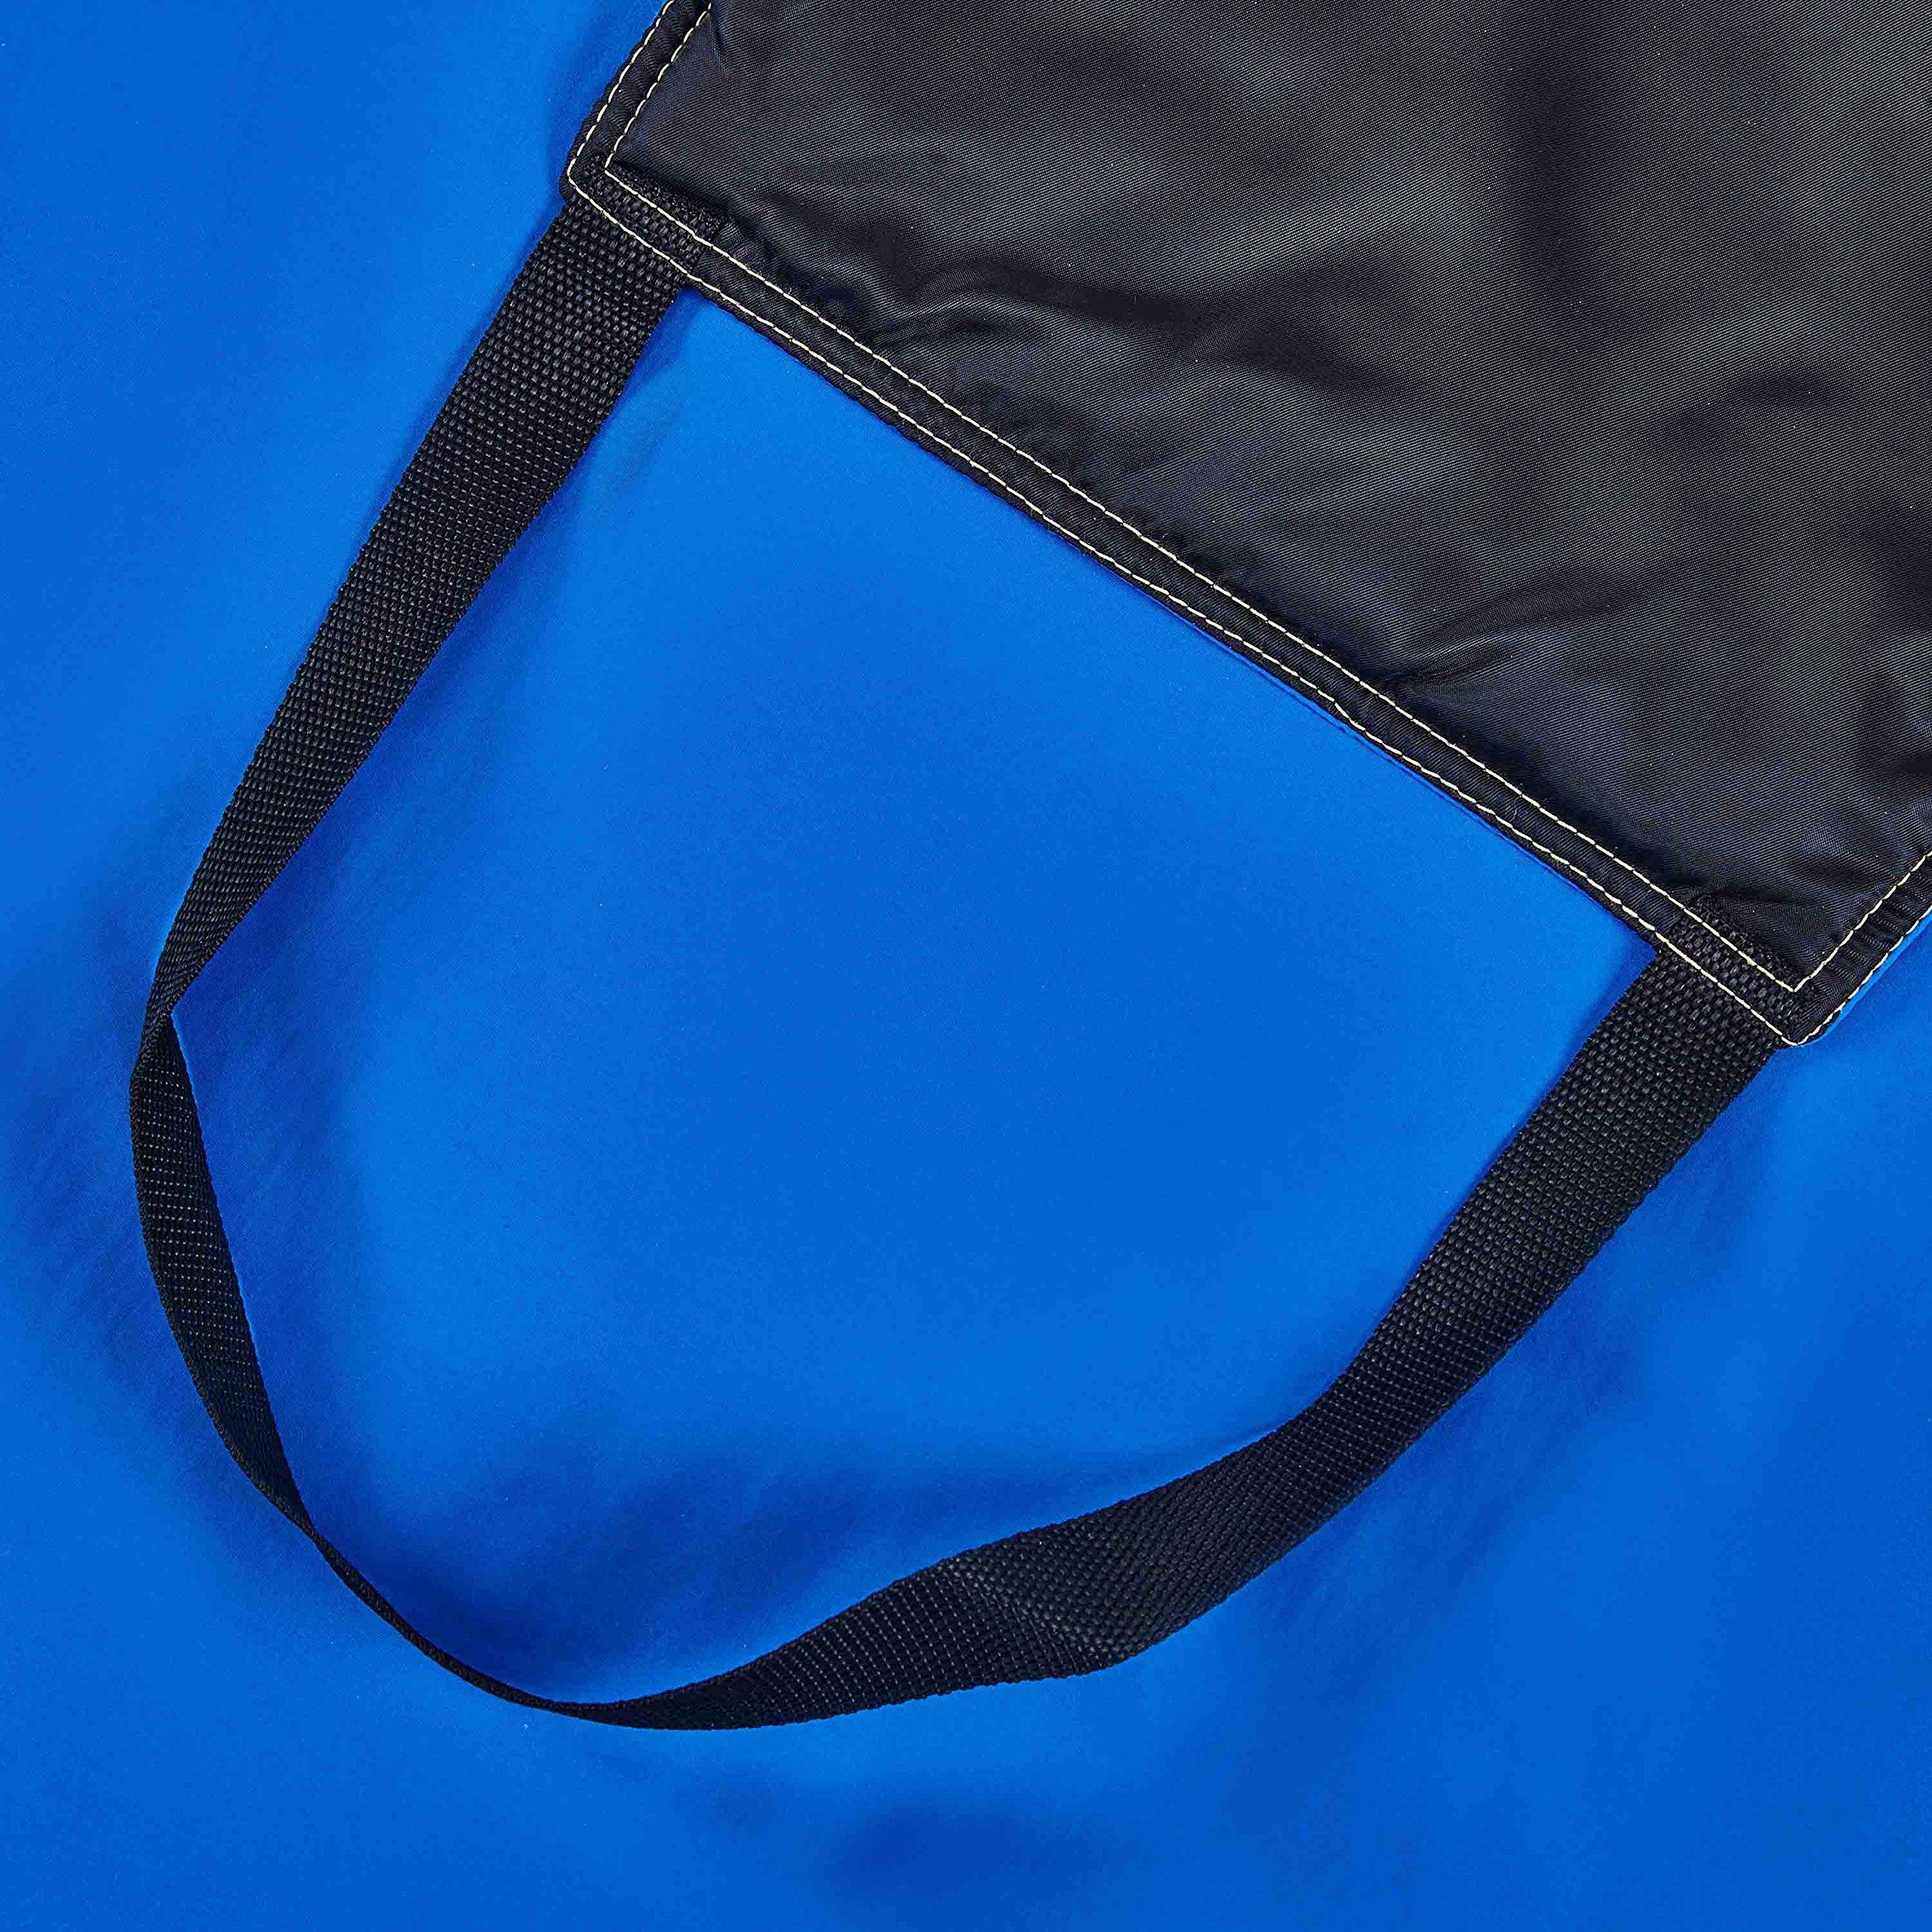 Holulo Safety Cryo-Apron Cryogenic Apron Nitrogen Working Suit 33'' Length x 26'' (L) by Holulo (Image #4)